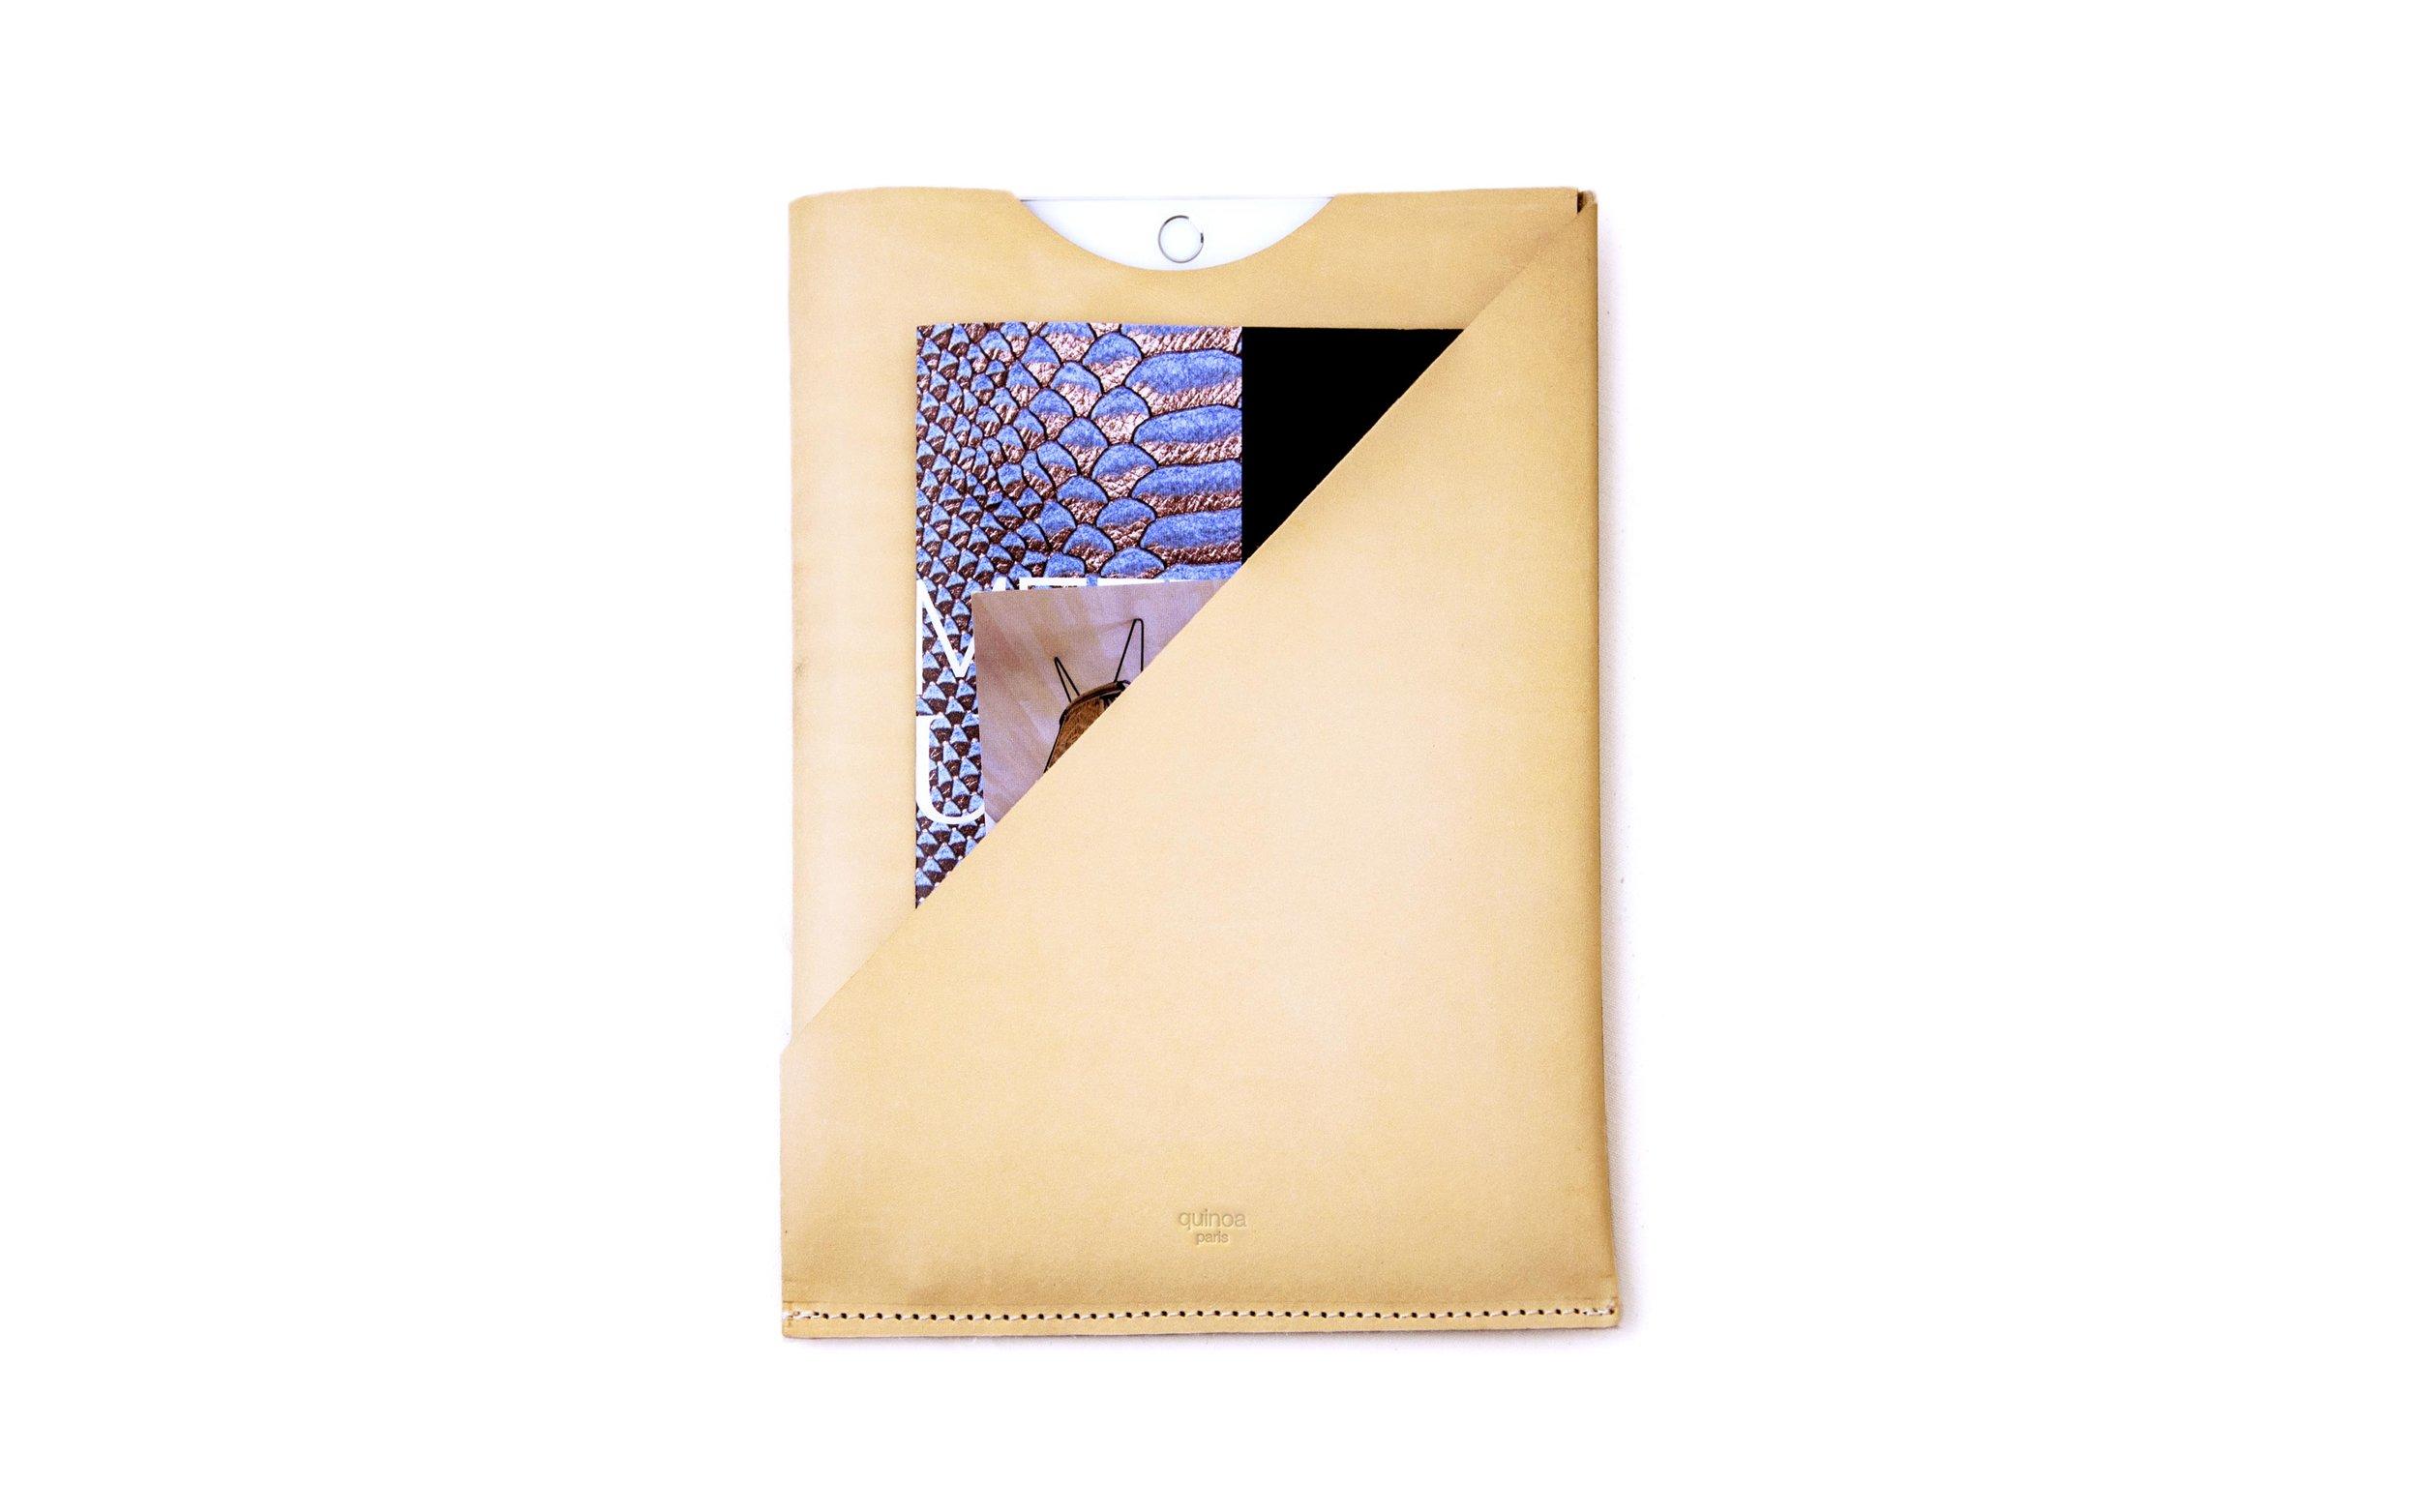 Hexa-iPad-natLOWDEF.jpg